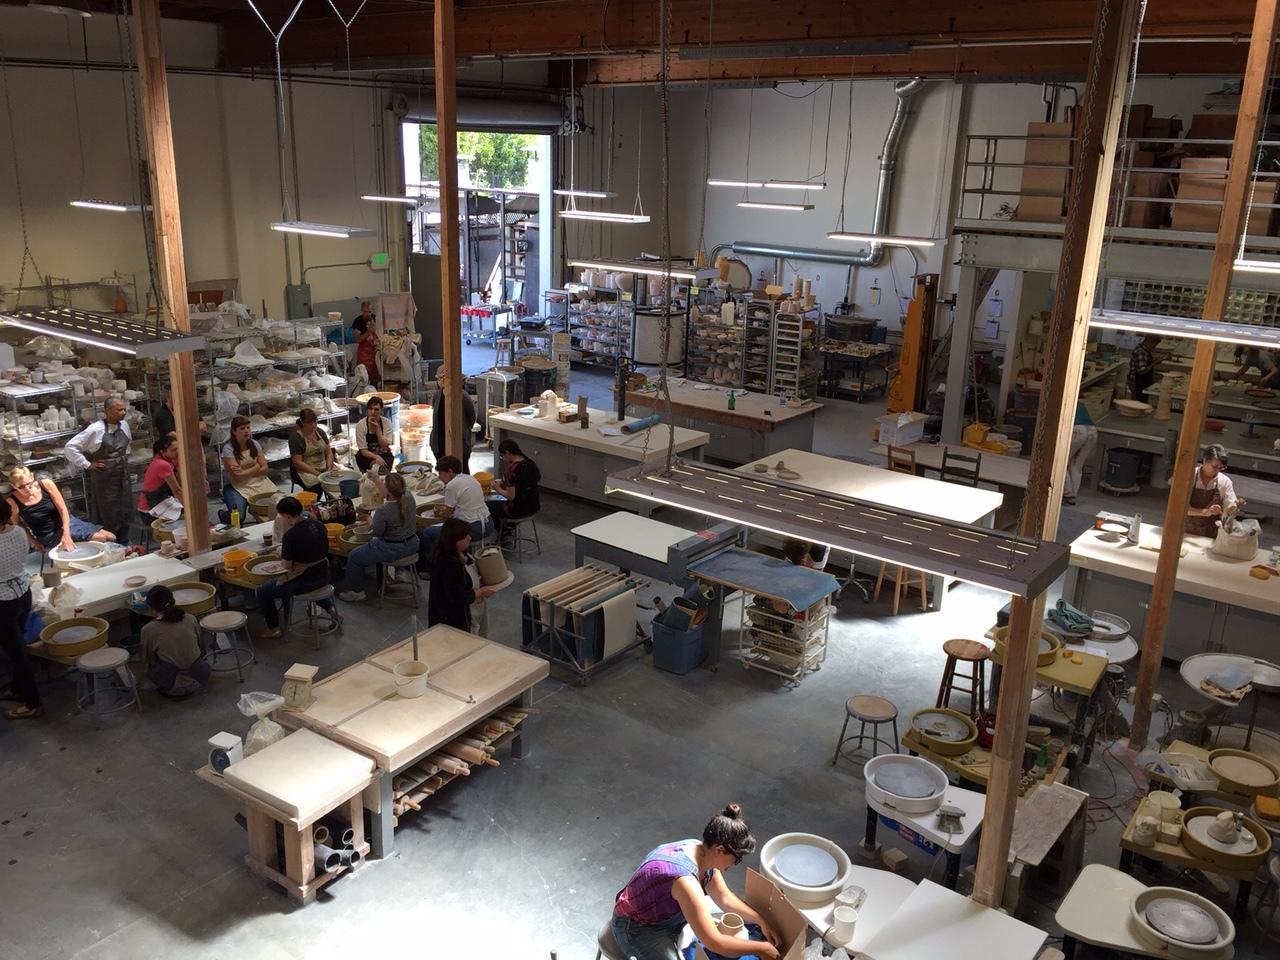 The Potters Studio Berkeley Space